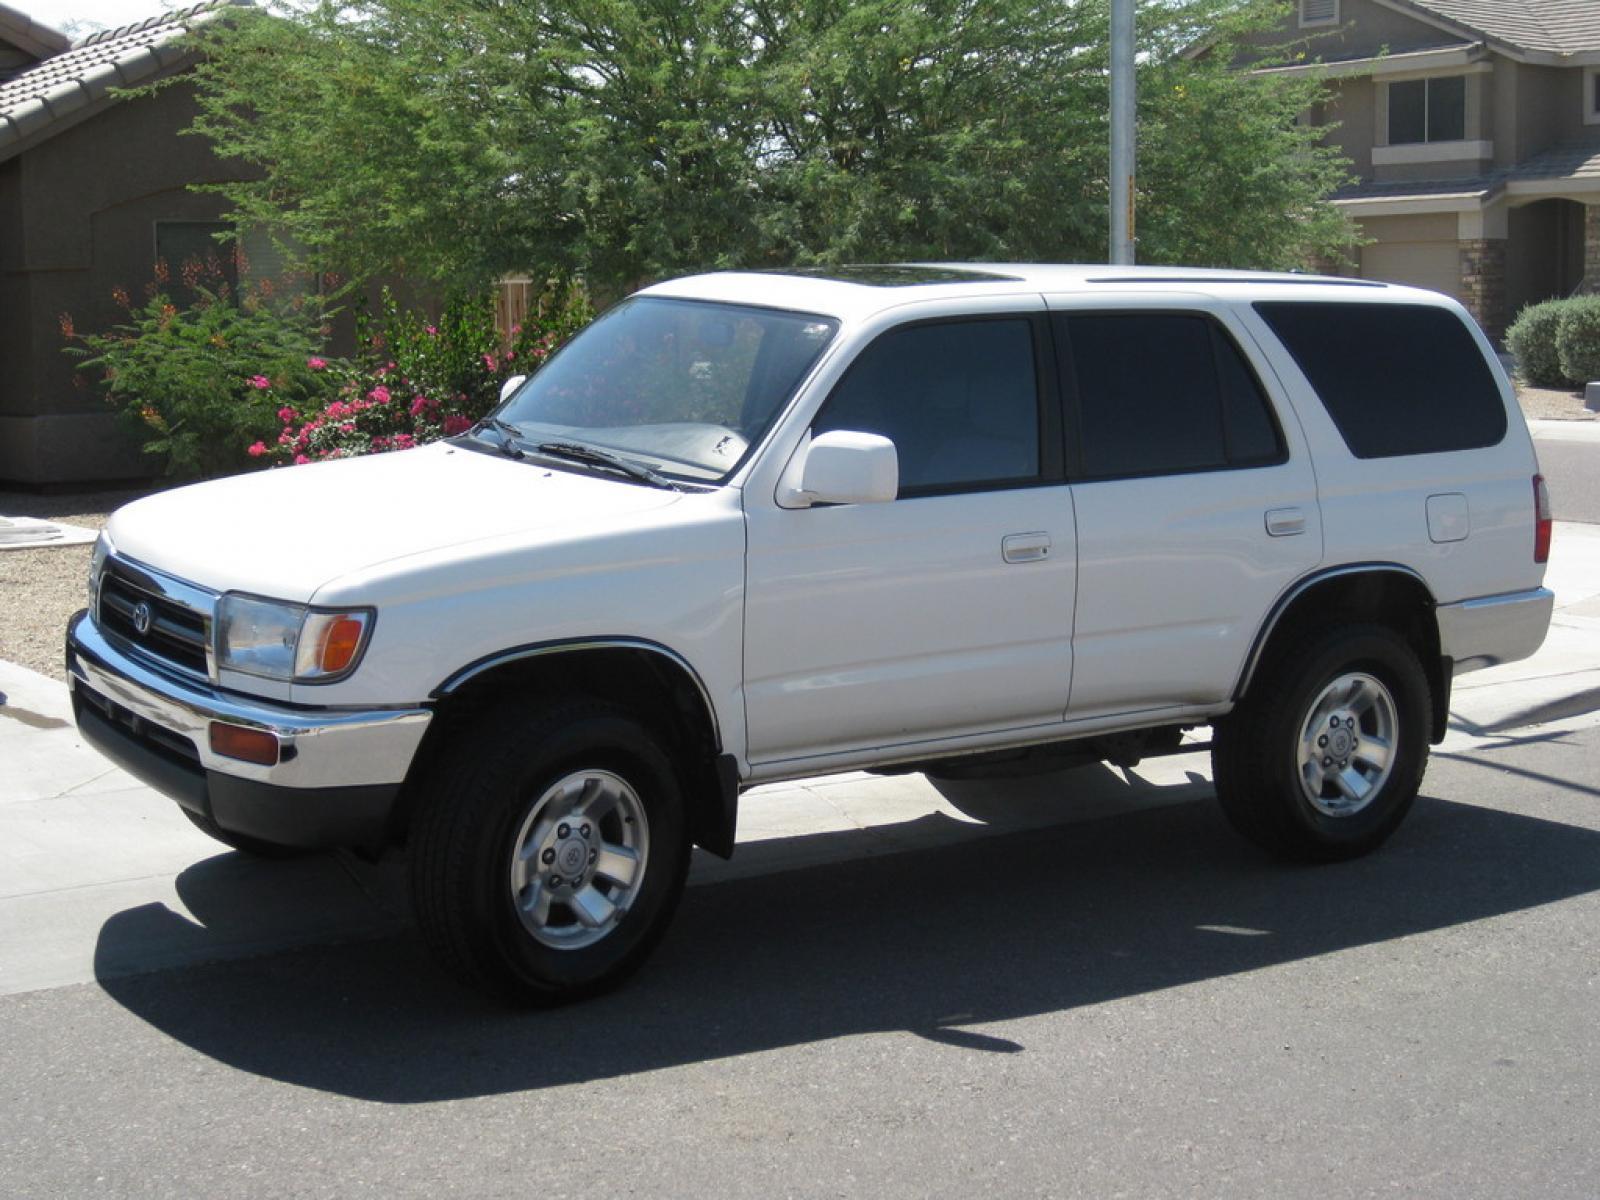 1998 Toyota 4Runner #12 Toyota 4Runner #12 800 1024 1280 1600 origin ...